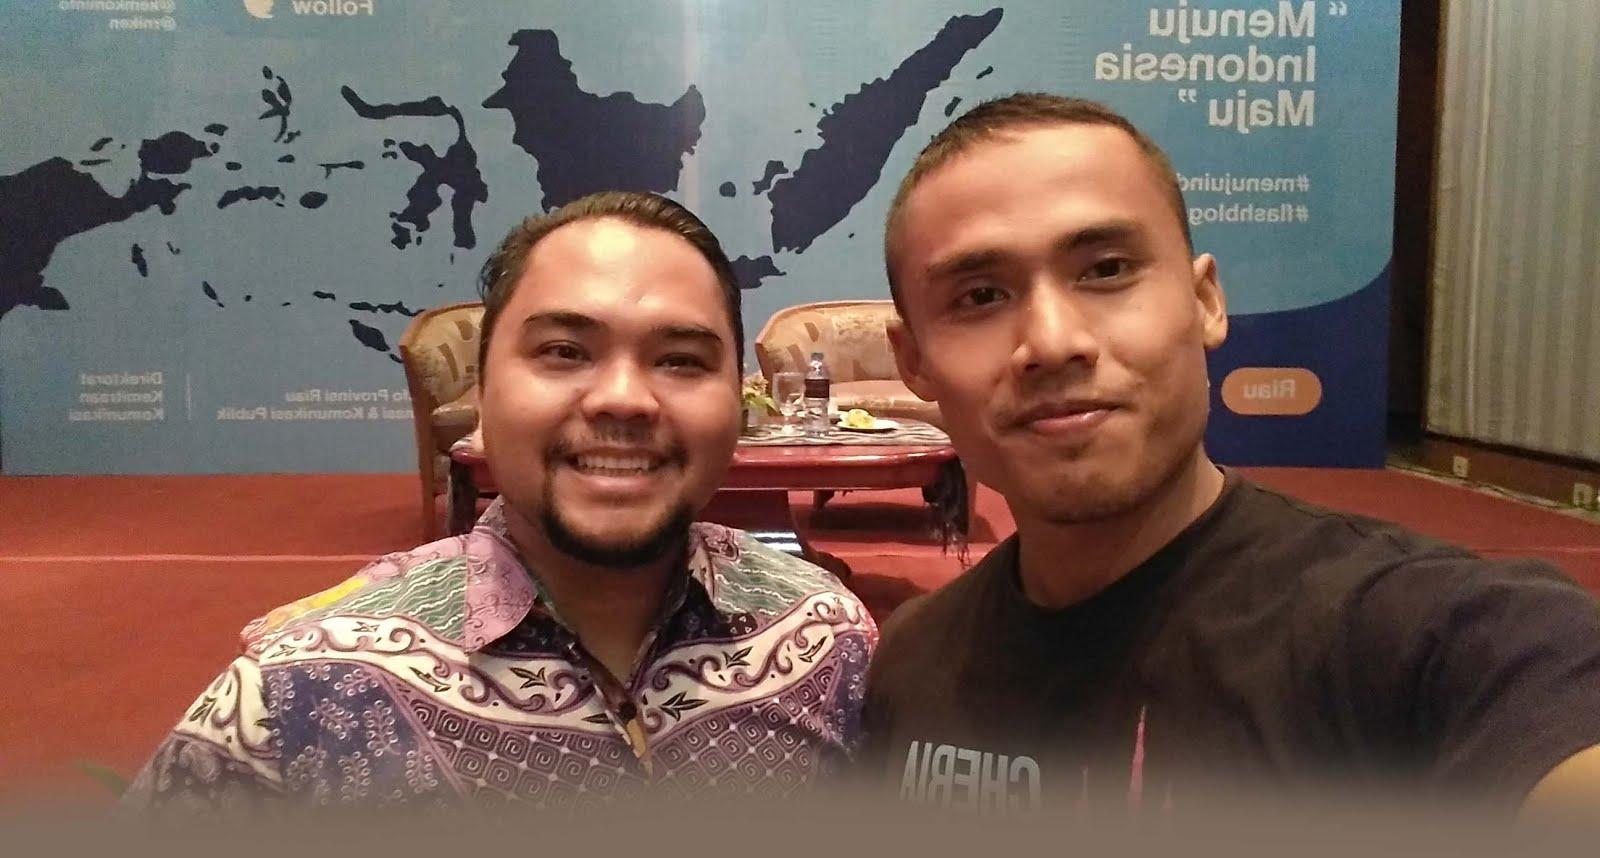 Payung Presiden ini, Motivasi untuk Memajukan Indonesia lewat Blog